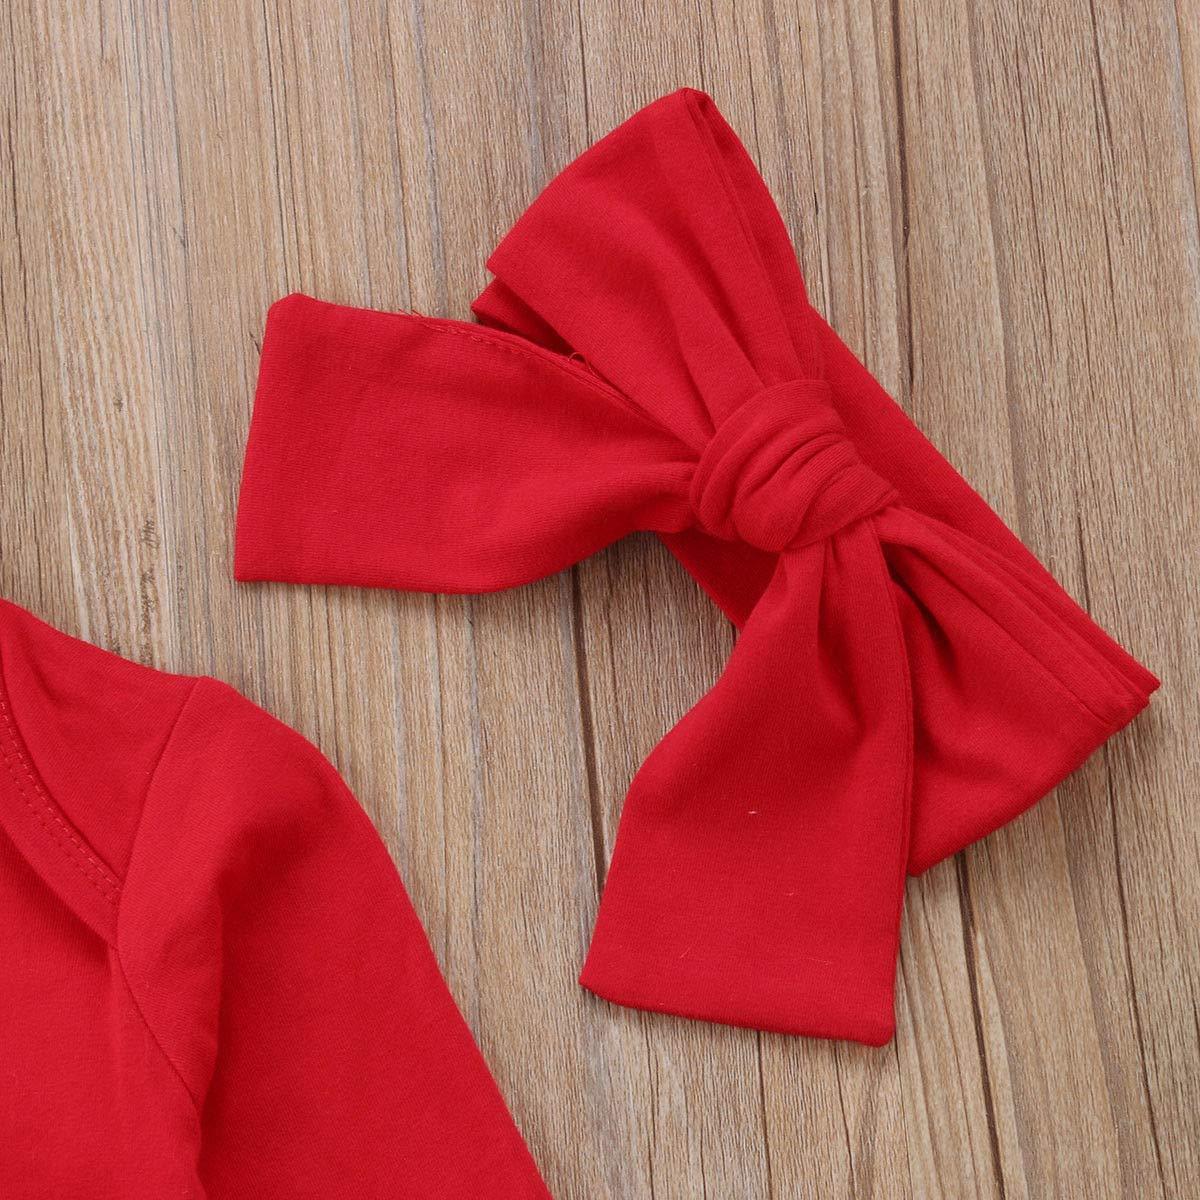 Pelele de Navidad para reci/én Nacidos y ni/ñas huai hua yue cheng ban My First Christmas Incluye Falda de Pap/á Noel y Diadema 3 Unidades